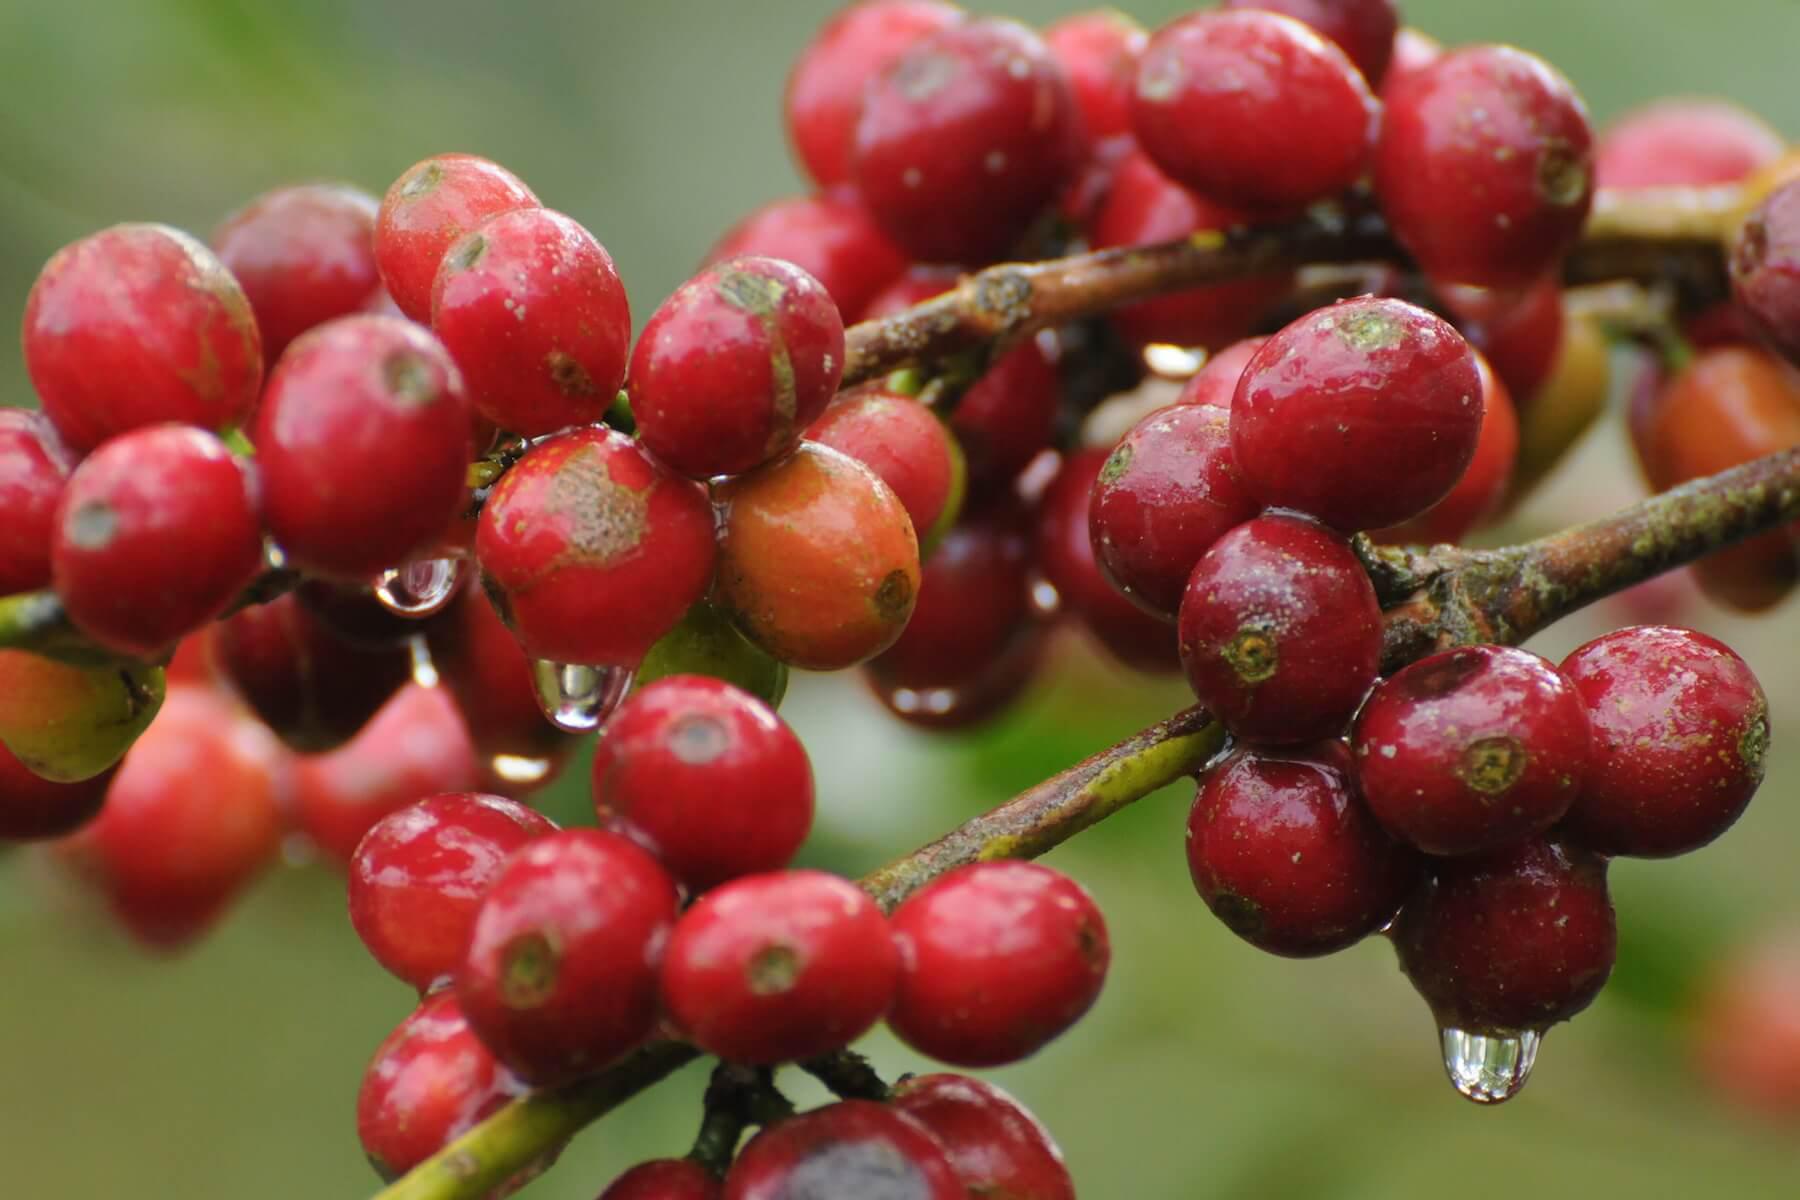 Haessig-und-Haessig-Strawberry-Candy-Kaffee-aus-Äthiopien-9